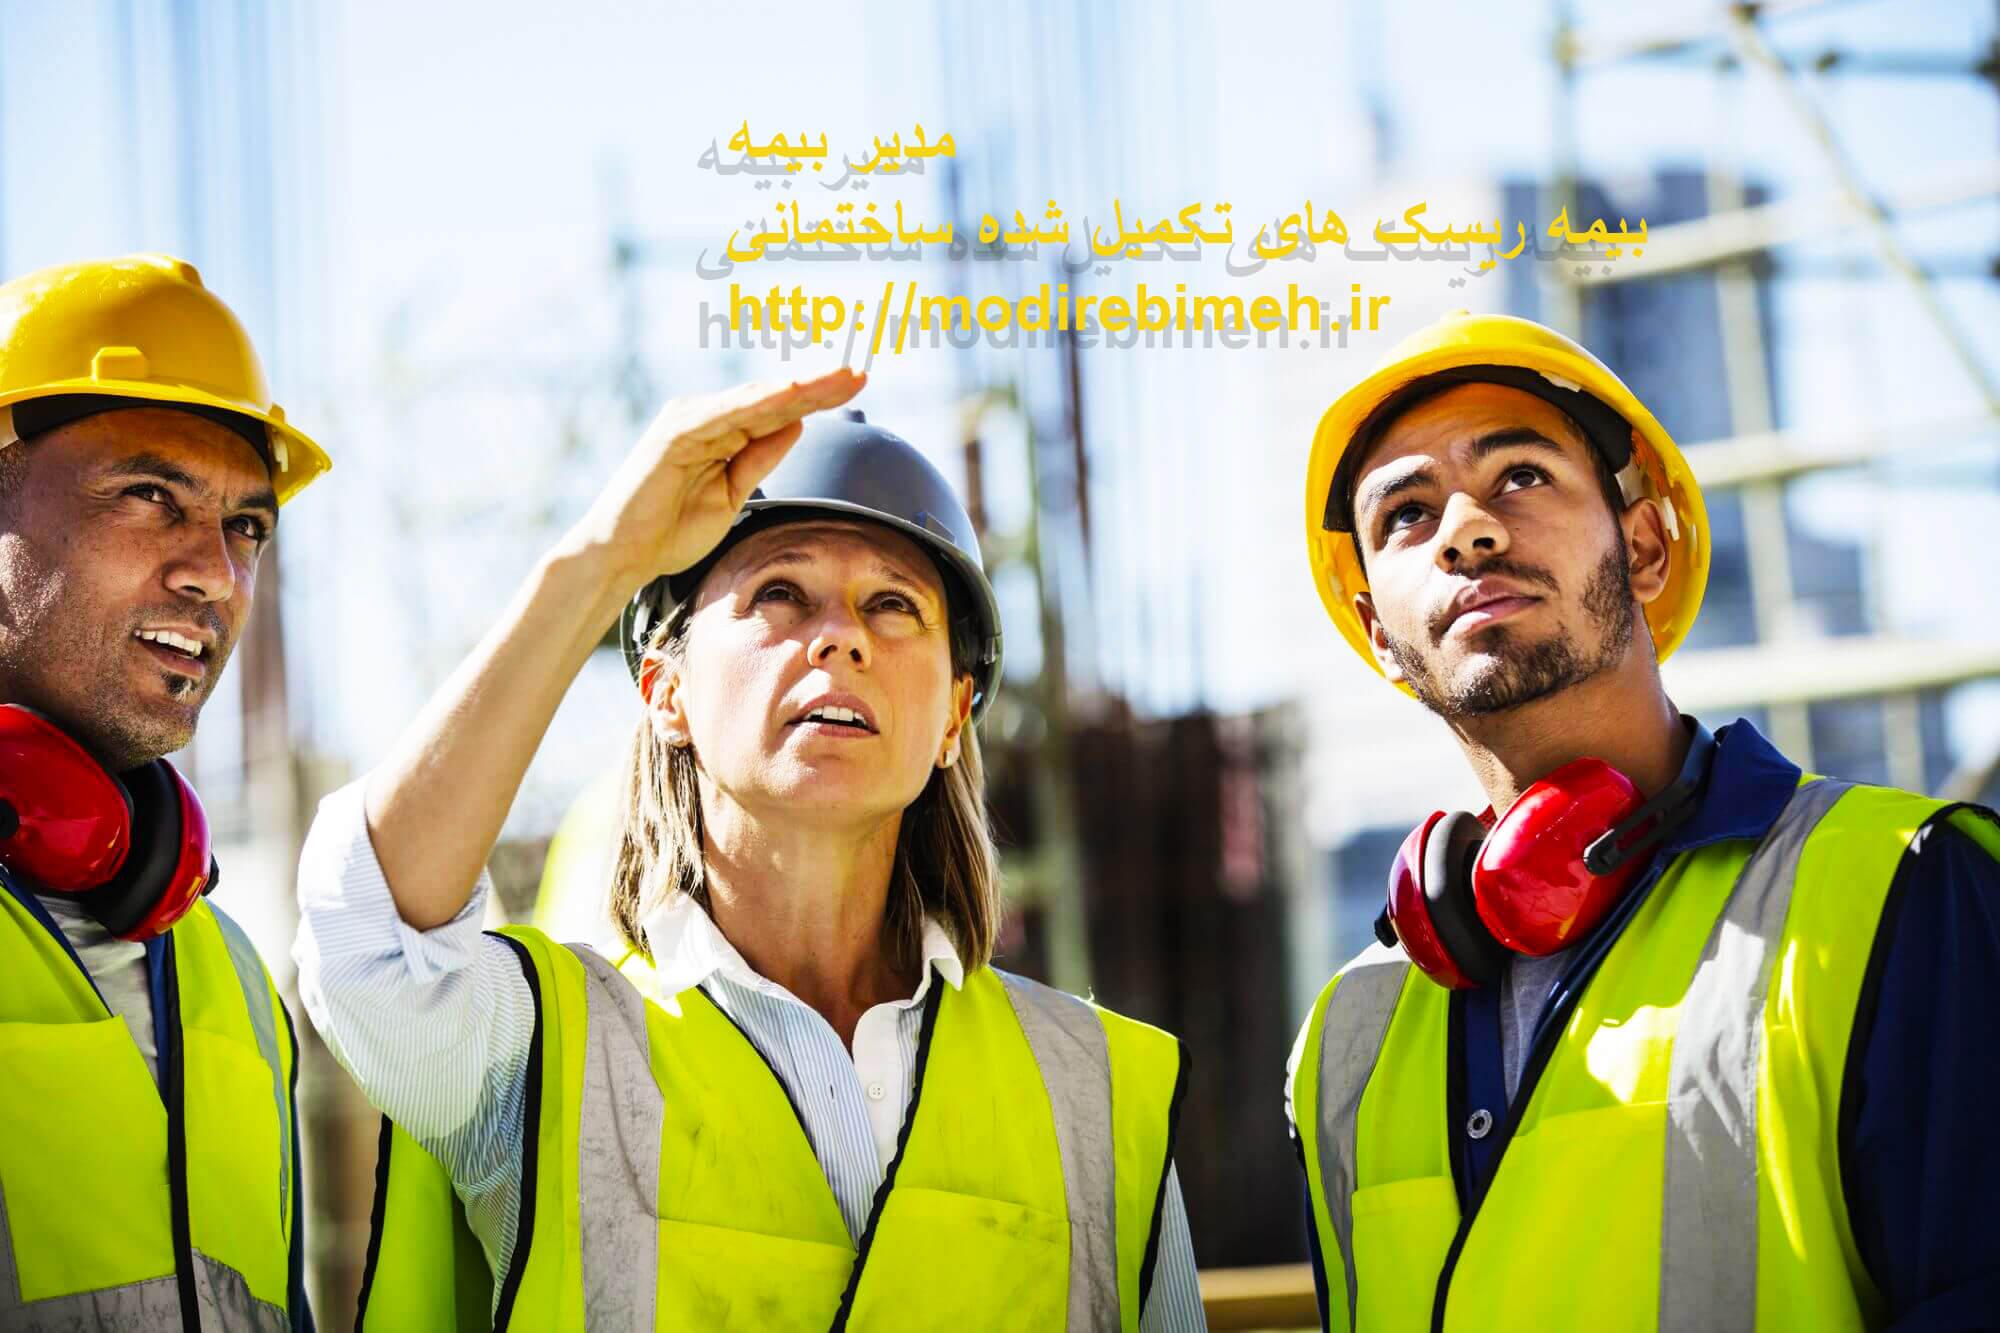 بیمه-ریسک-های-تکمیل-شده-ساختمانی-مدیر بیمه